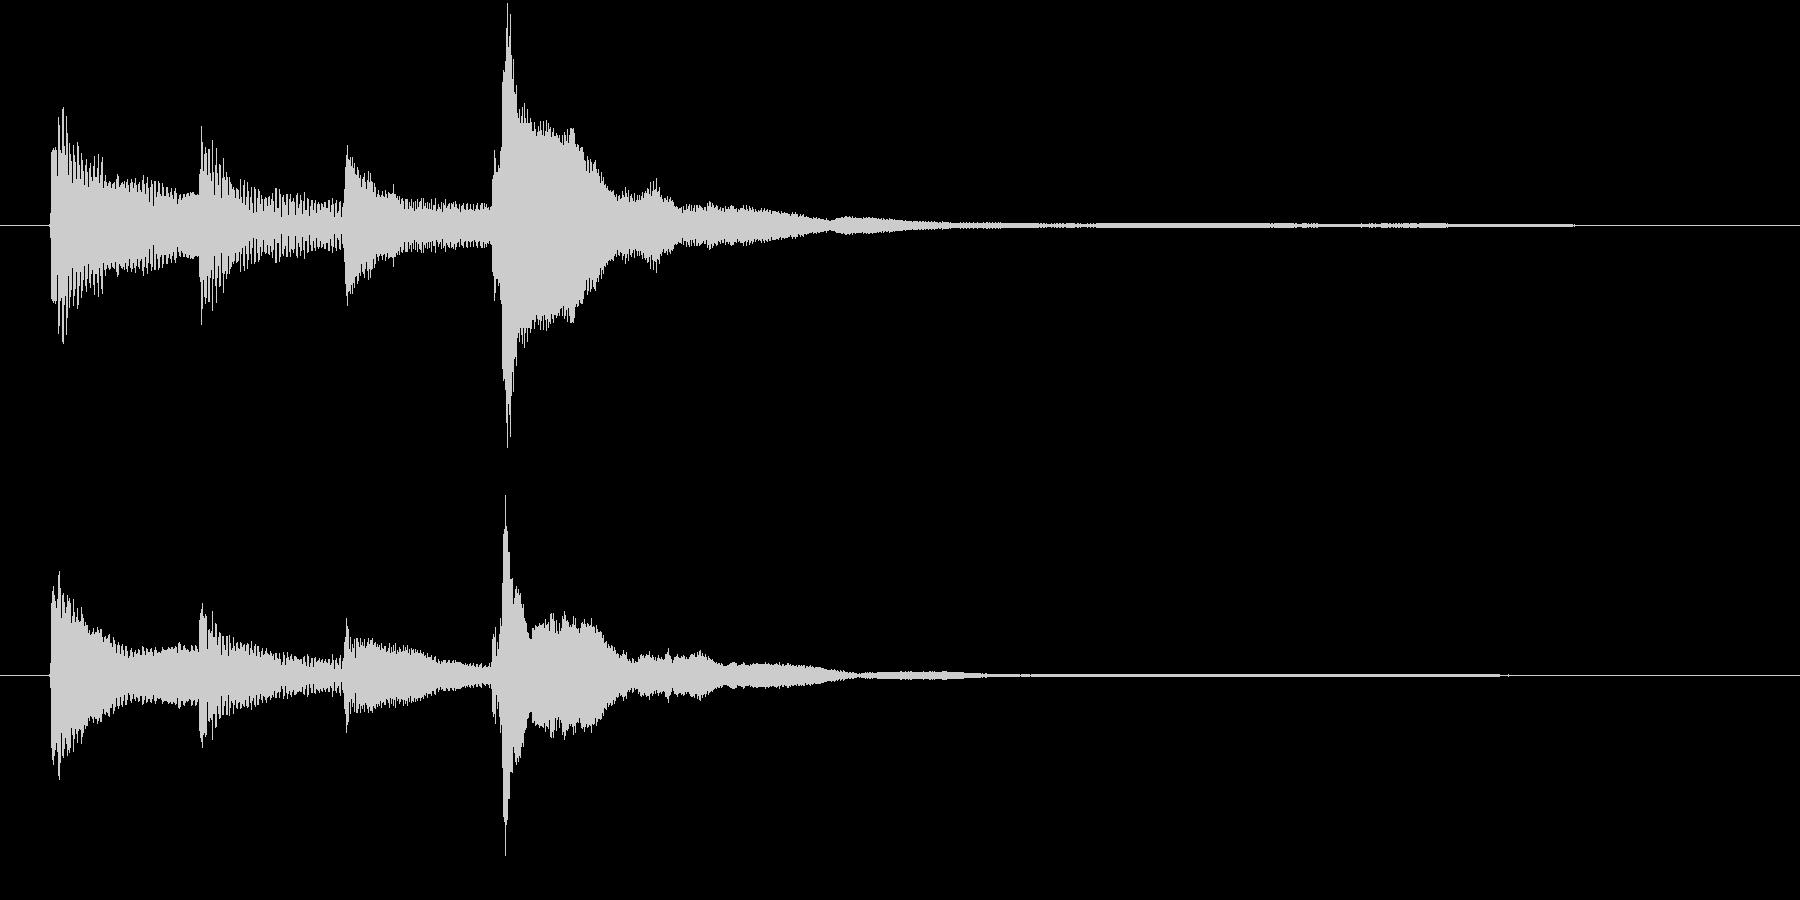 ハープのジングルの未再生の波形